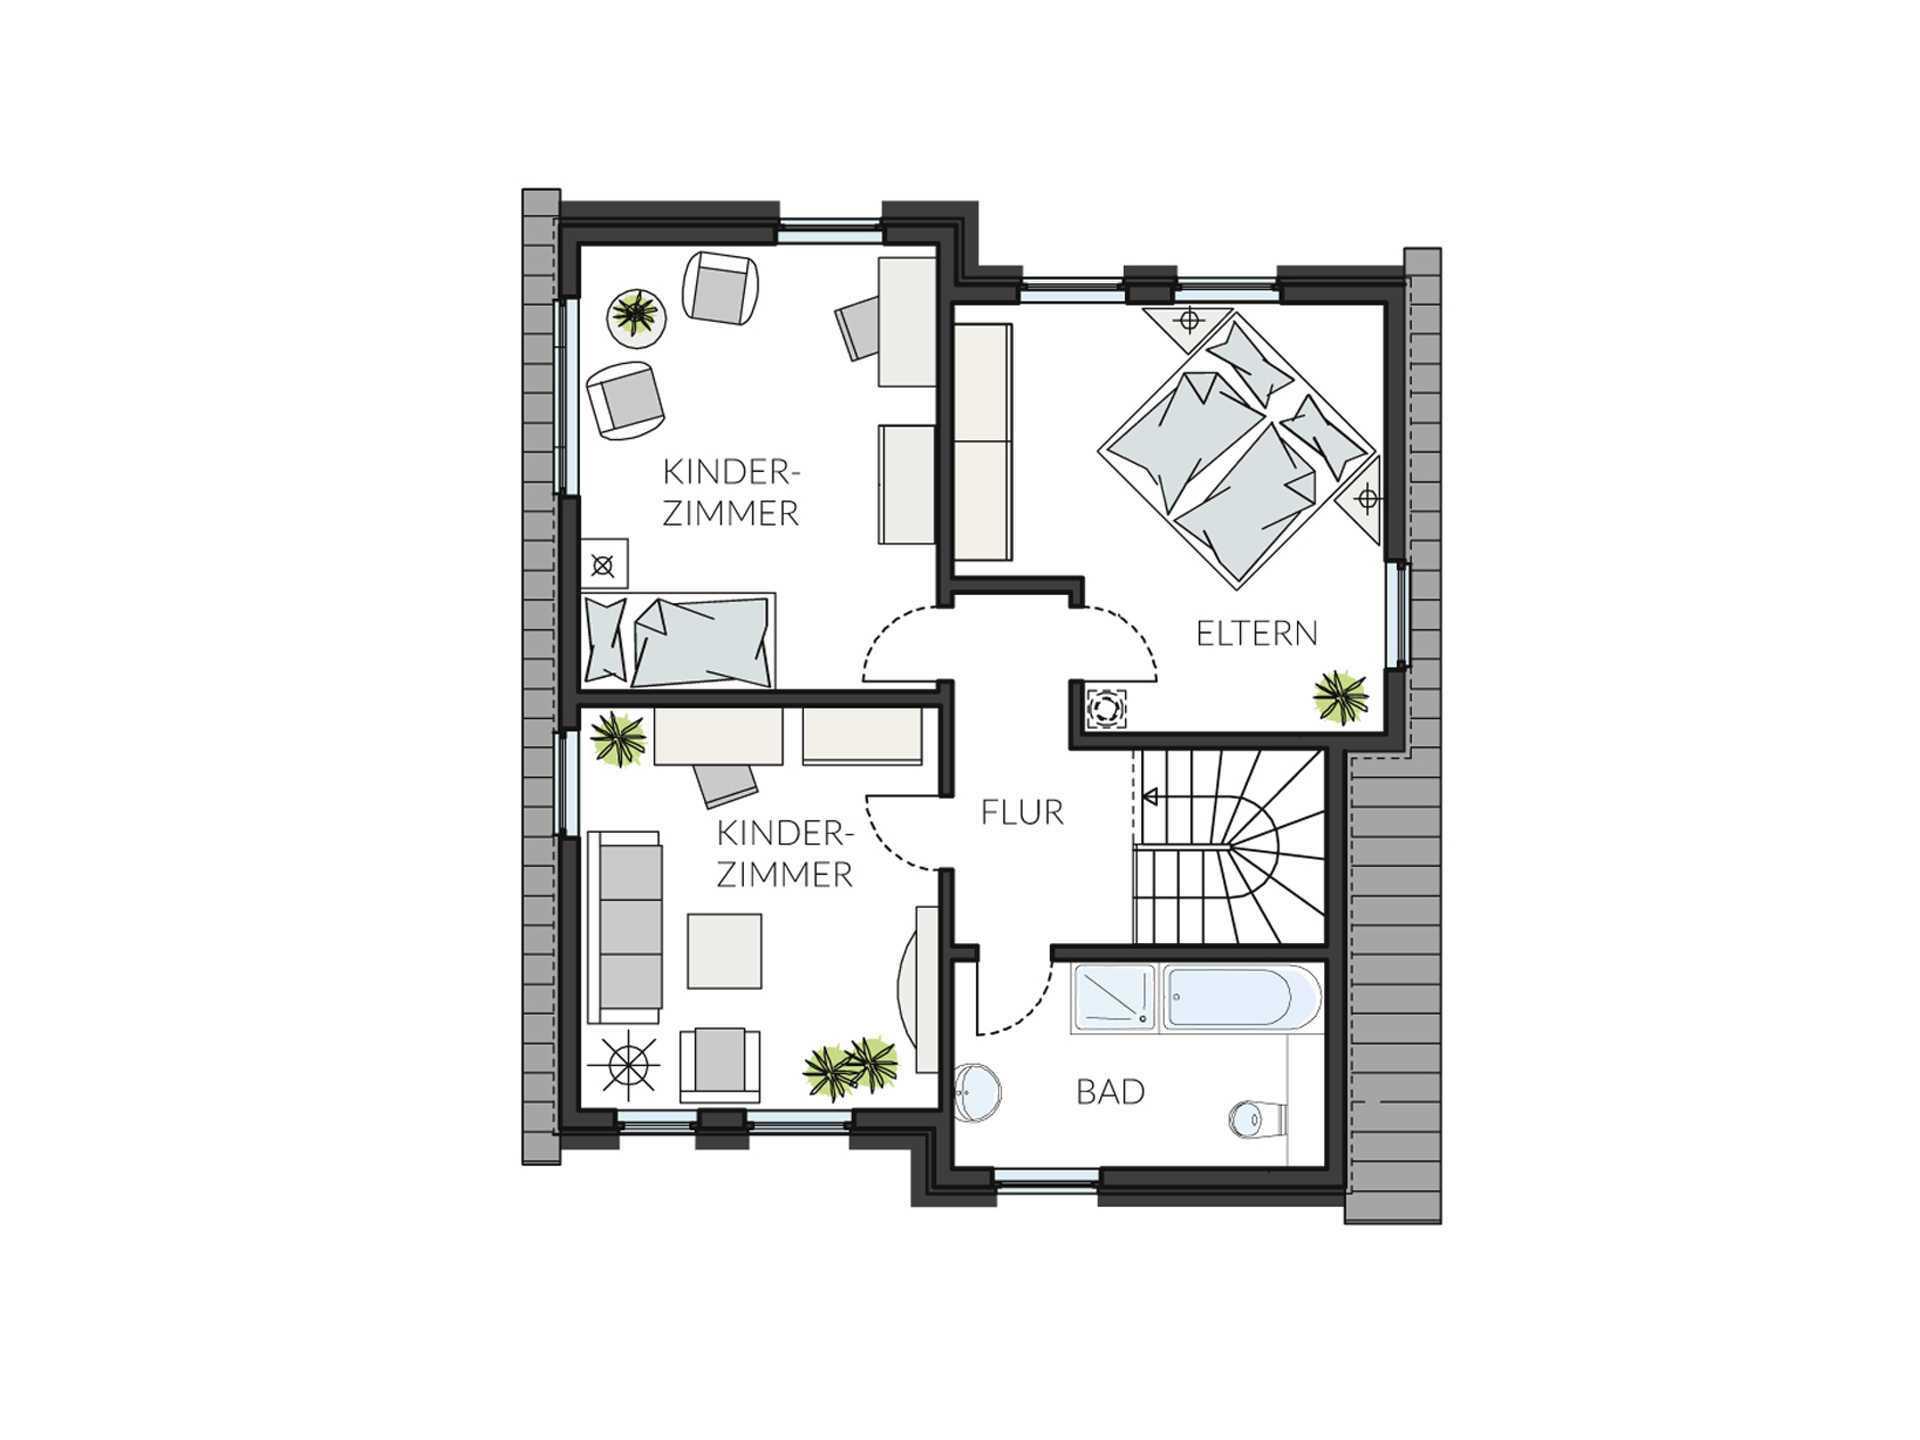 ProStyle 128 Musterhaus Mannheim - Eine Nahaufnahme einer Uhr - Gebäudeplan